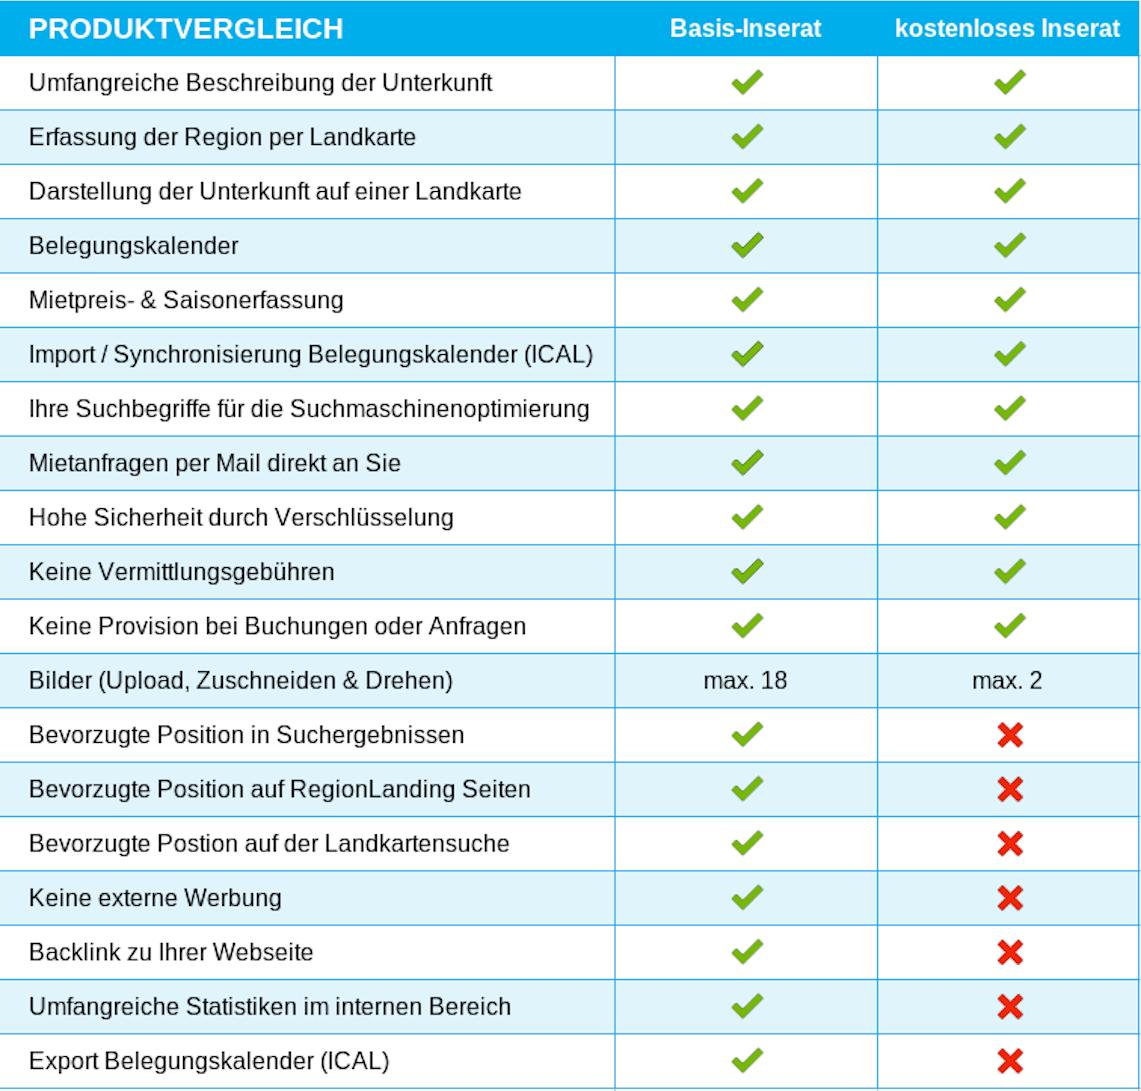 Grafik mit den Unterschieden Basis-Inserat und kostenloses Inserat